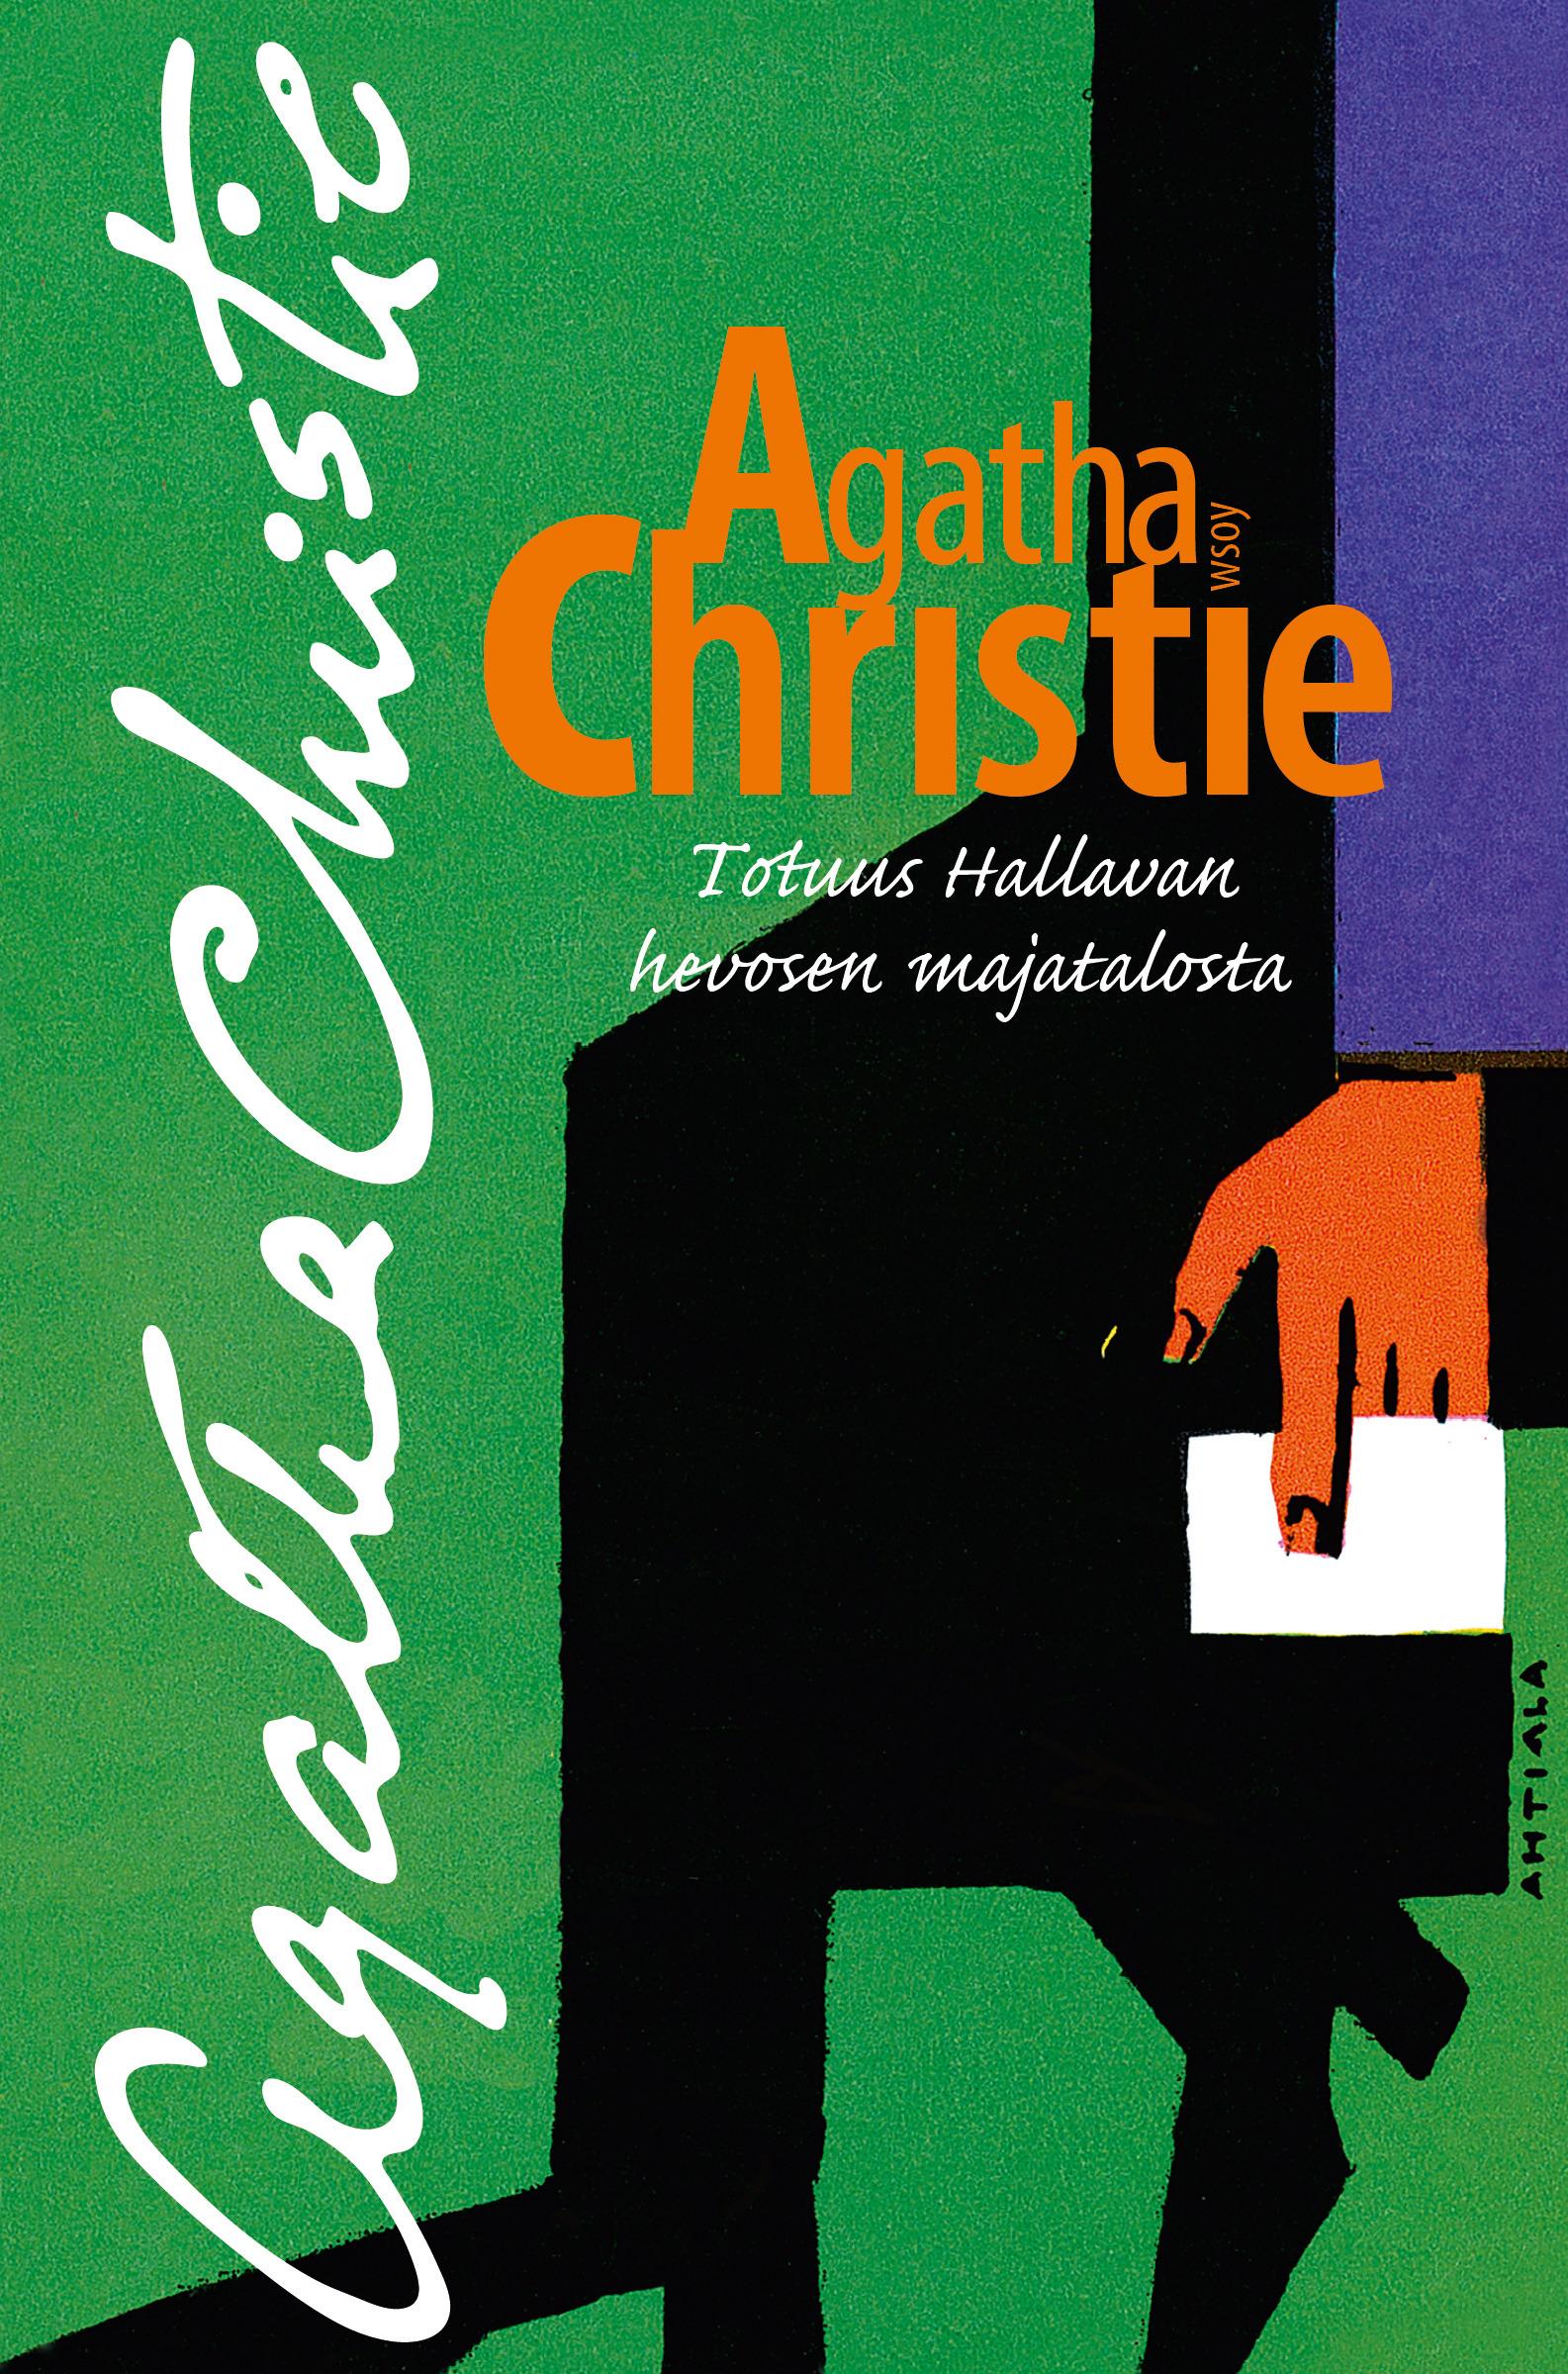 Christie, Agatha - Totuus Hallavan hevosen majatalosta, e-kirja